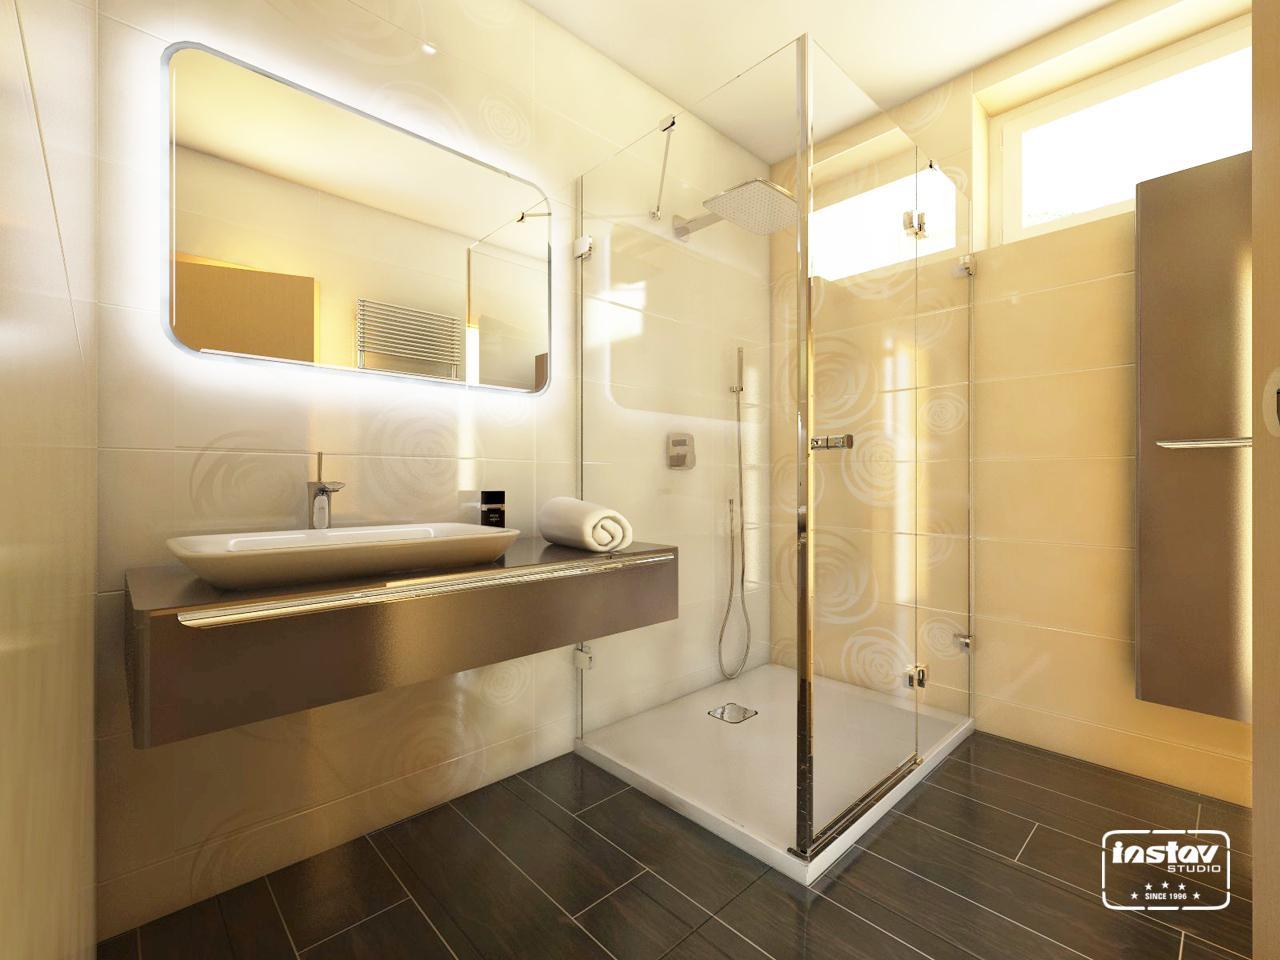 Vizualizácie kúpeľní - Vizualizácia kúpeľne - Intensity